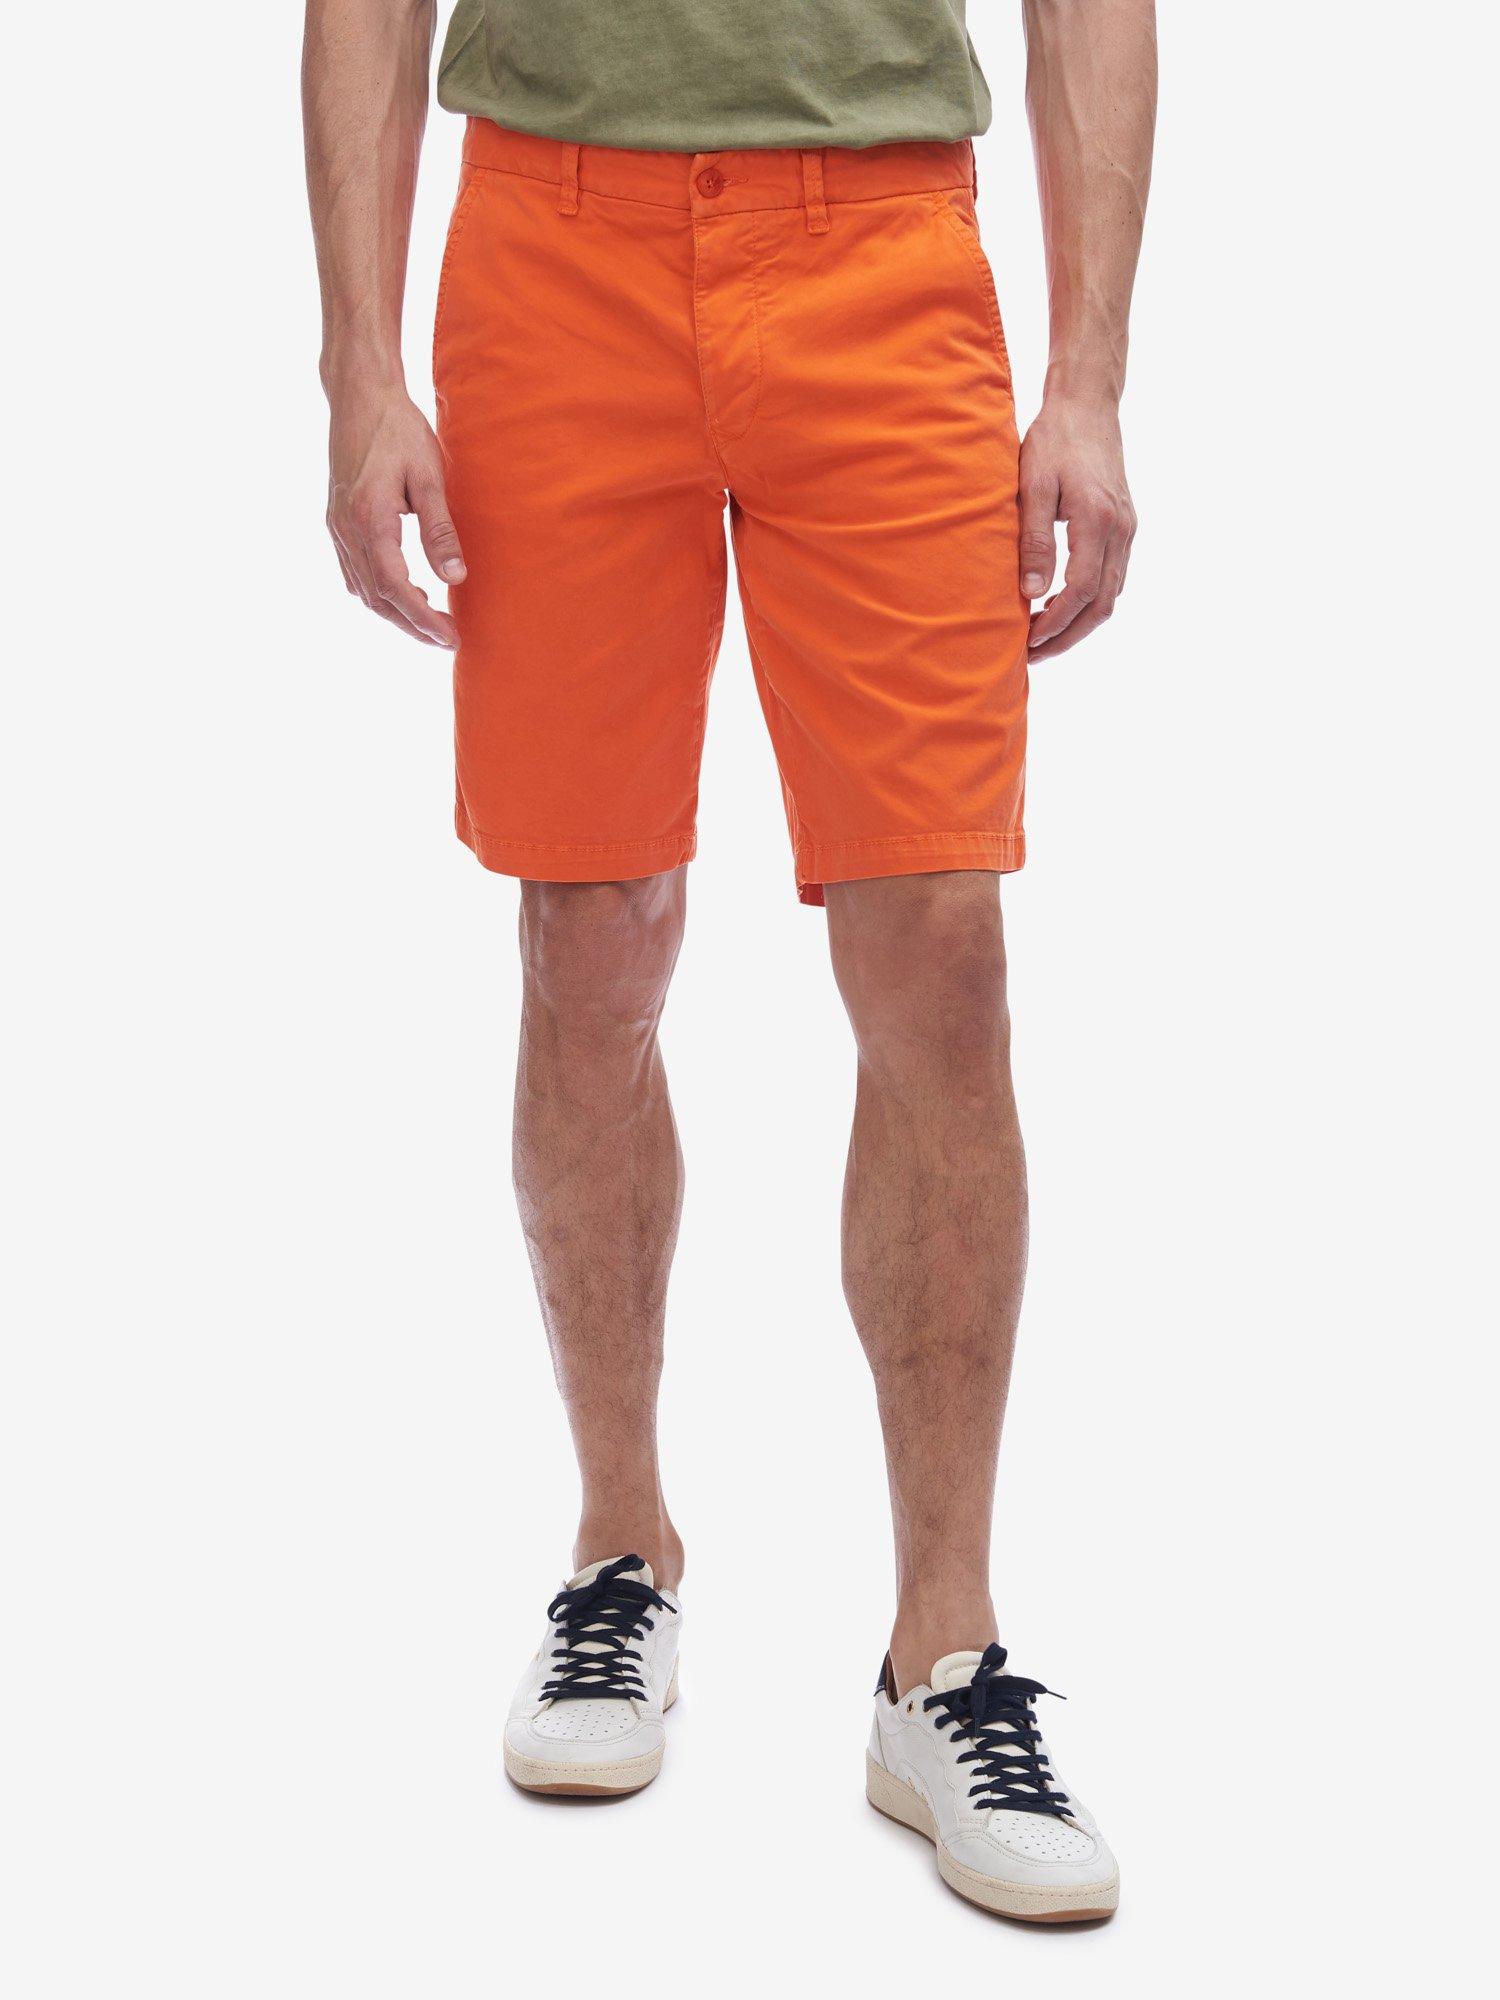 Blauer - FOUR POCKET BERMUDA SHORTS - Bright Orange - Blauer